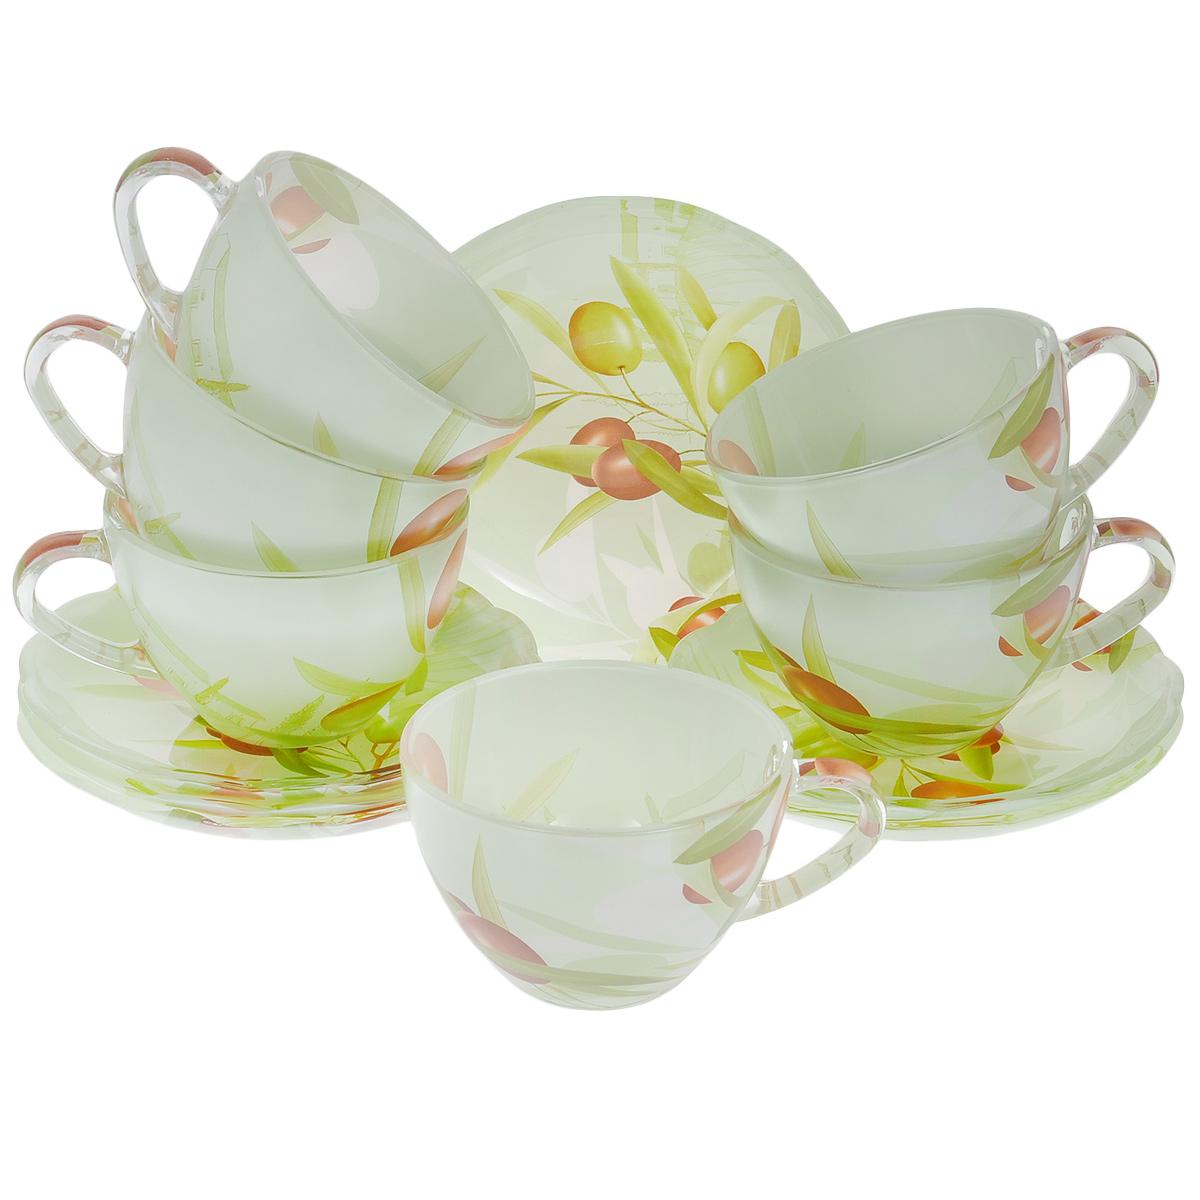 Набор посуды Оливки, 12 предметов10151-12Набор посуды состоит из 6 блюдец и 6 чашек. Изделия выполнены из высококачественного стекла и оформлены изображением ветки с оливками. Этот набор эффектно украсит стол, а также прекрасно подойдет для торжественных случаев. Красочность оформления придется по вкусу и ценителям классики, и тем, кто предпочитает утонченность и изящность.Объем чашки: 210 мл.